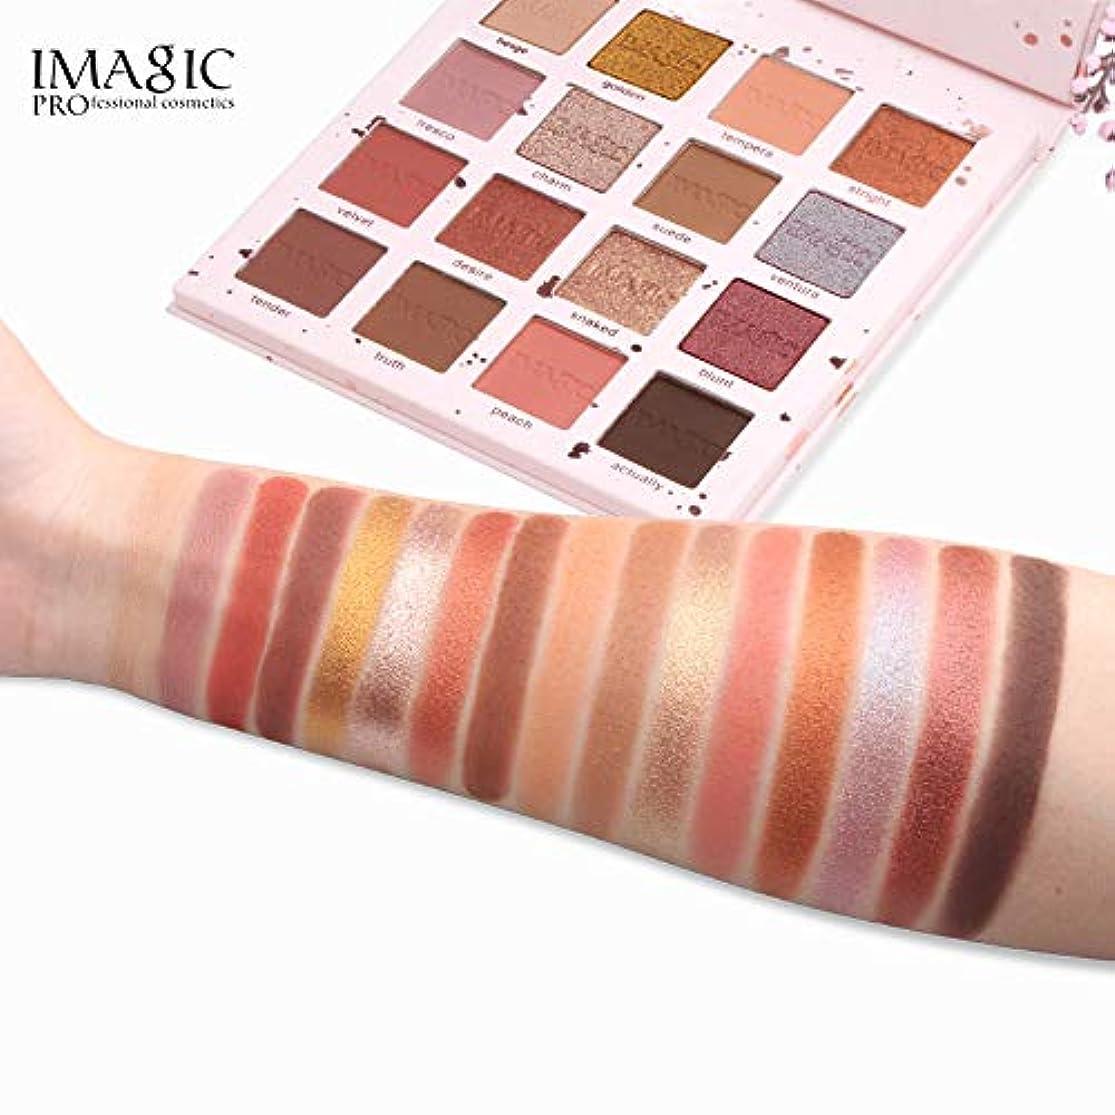 16色coloShimmerグリッターアイシャドウパウダーマットアイシャドウ化粧品メイクアップ